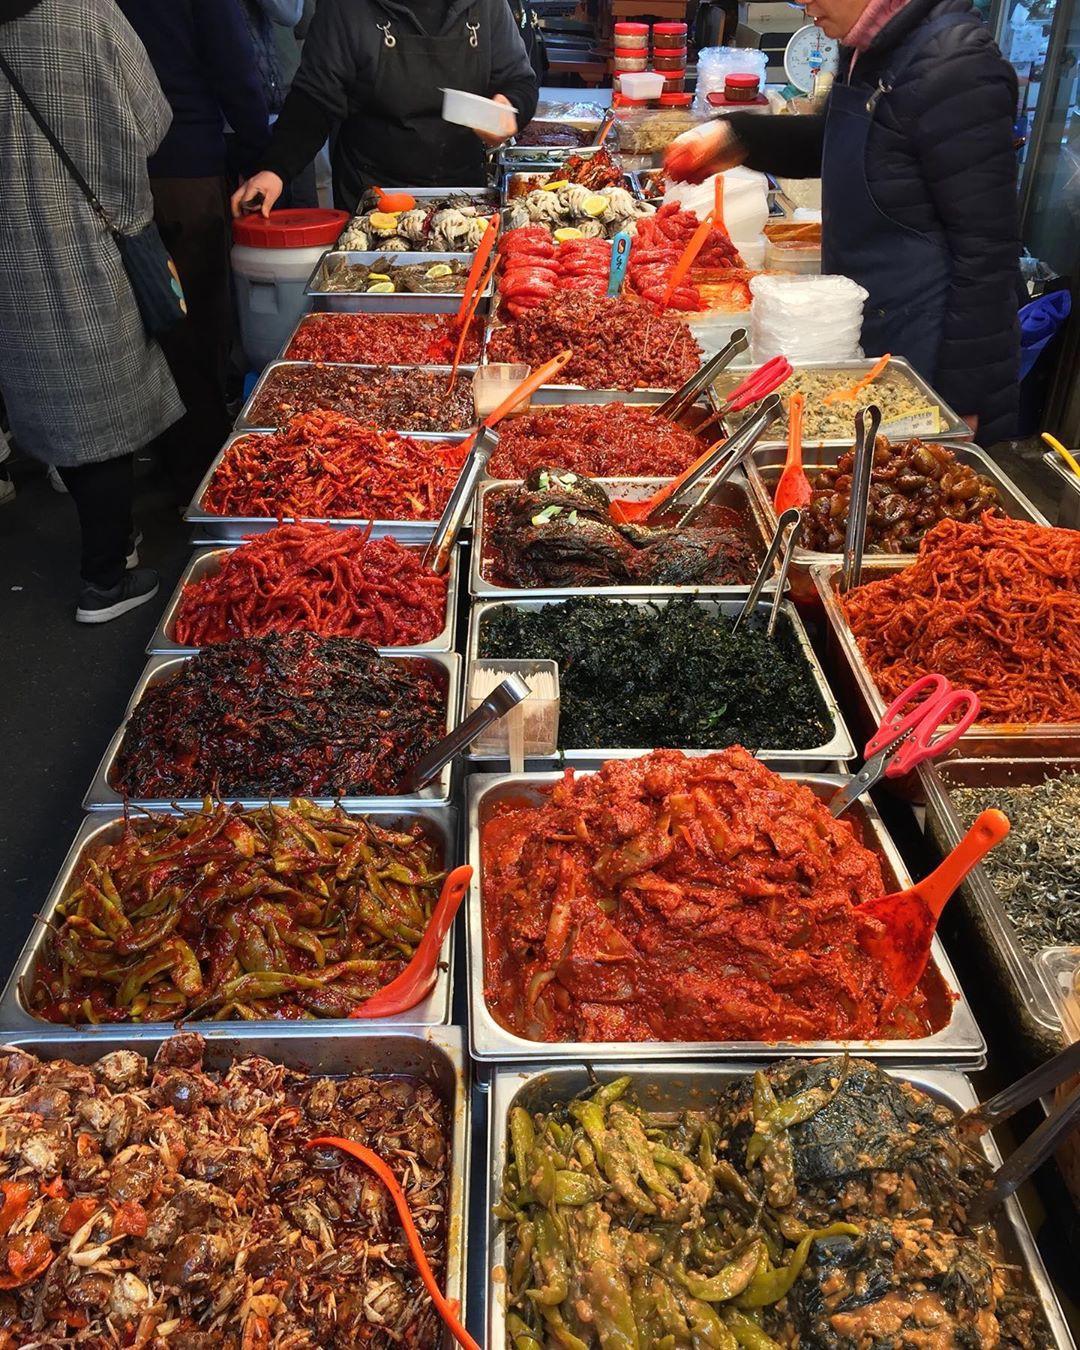 Không thể cưỡng lại sức hấp dẫn của 7 khu phố ẩm thực nổi tiếng nhất Seoul, Hàn Quốc - Ảnh 4.